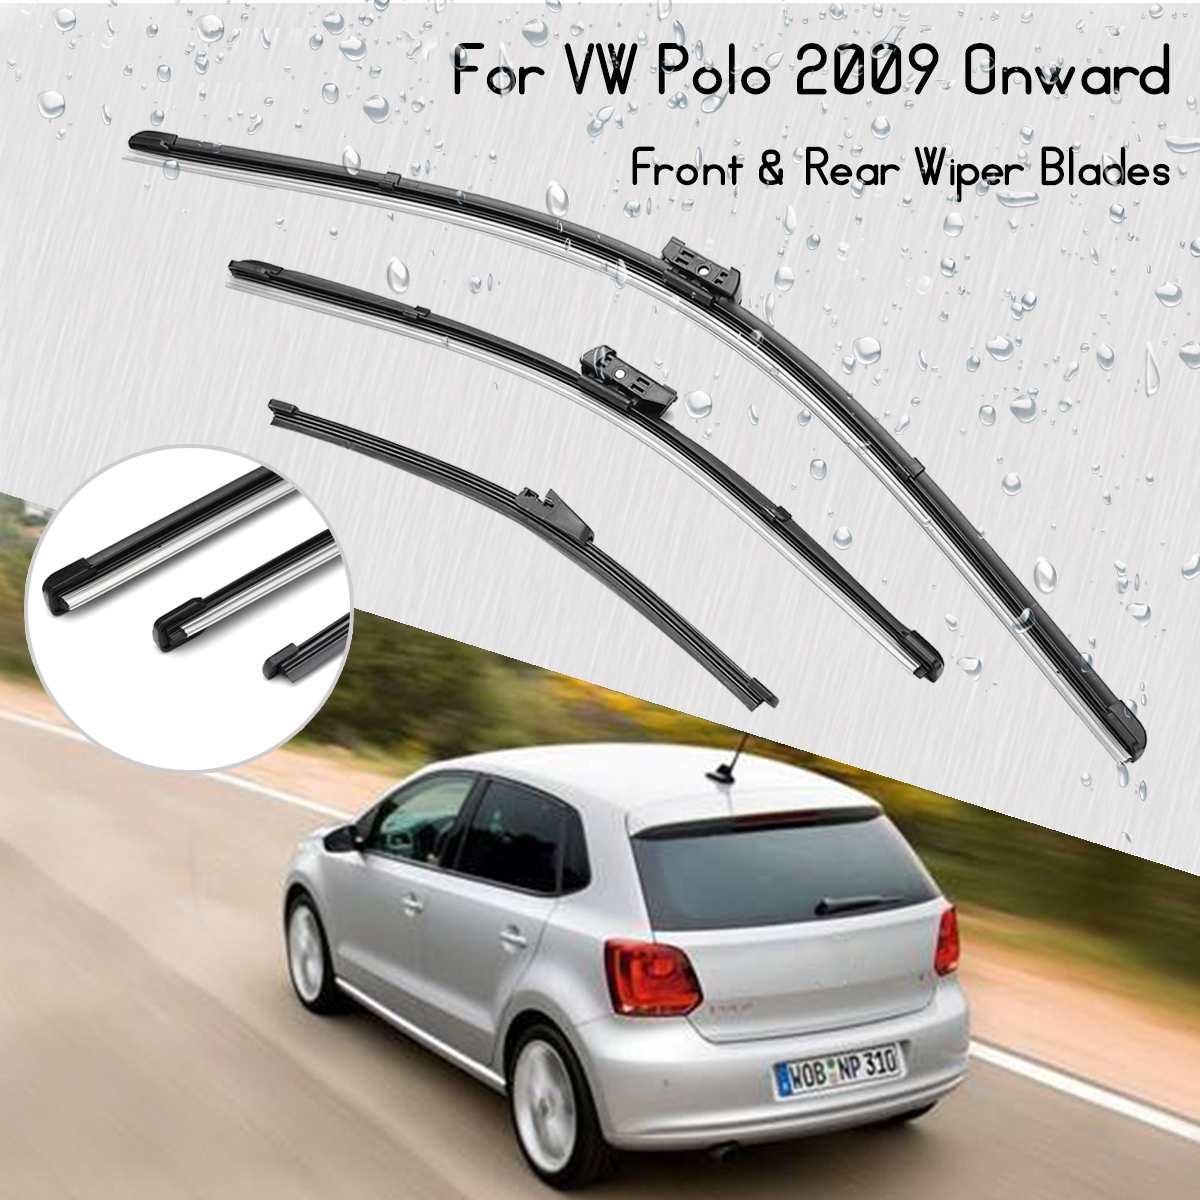 Автомобильные щетки стеклоочистителя, 3 шт./компл., 24 дюйма + 16 дюймов + 11 дюймов, для VW Polo 2009, подходит для хэтчбека, 3/5 дверей